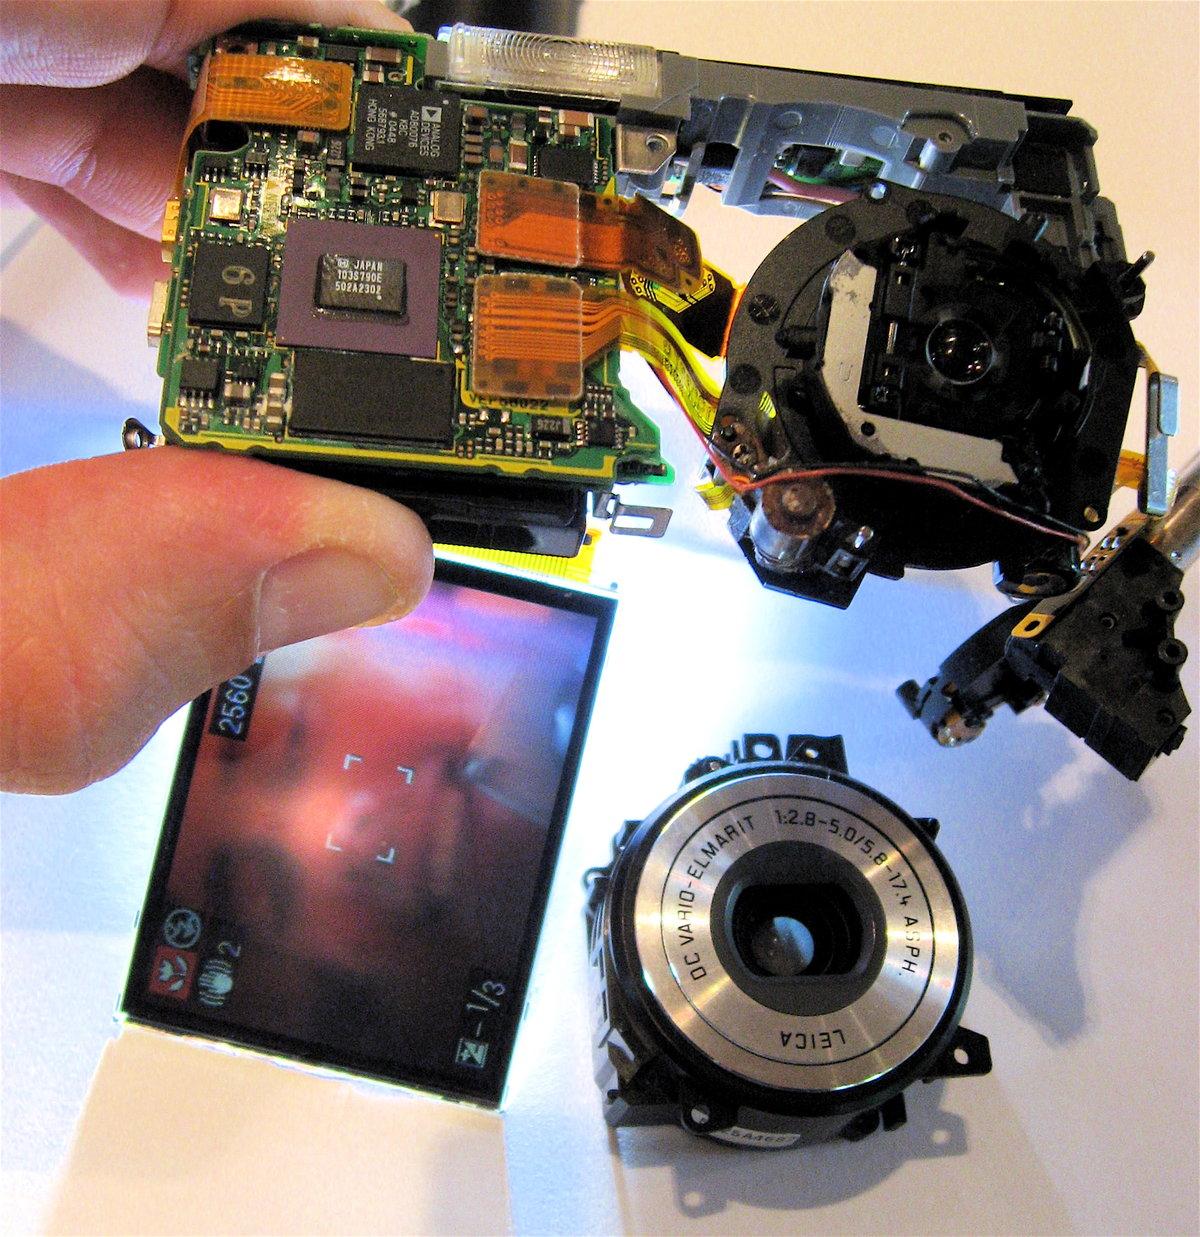 тебе сейчас можно ли поменять плату у фотоаппарата запустении, фото